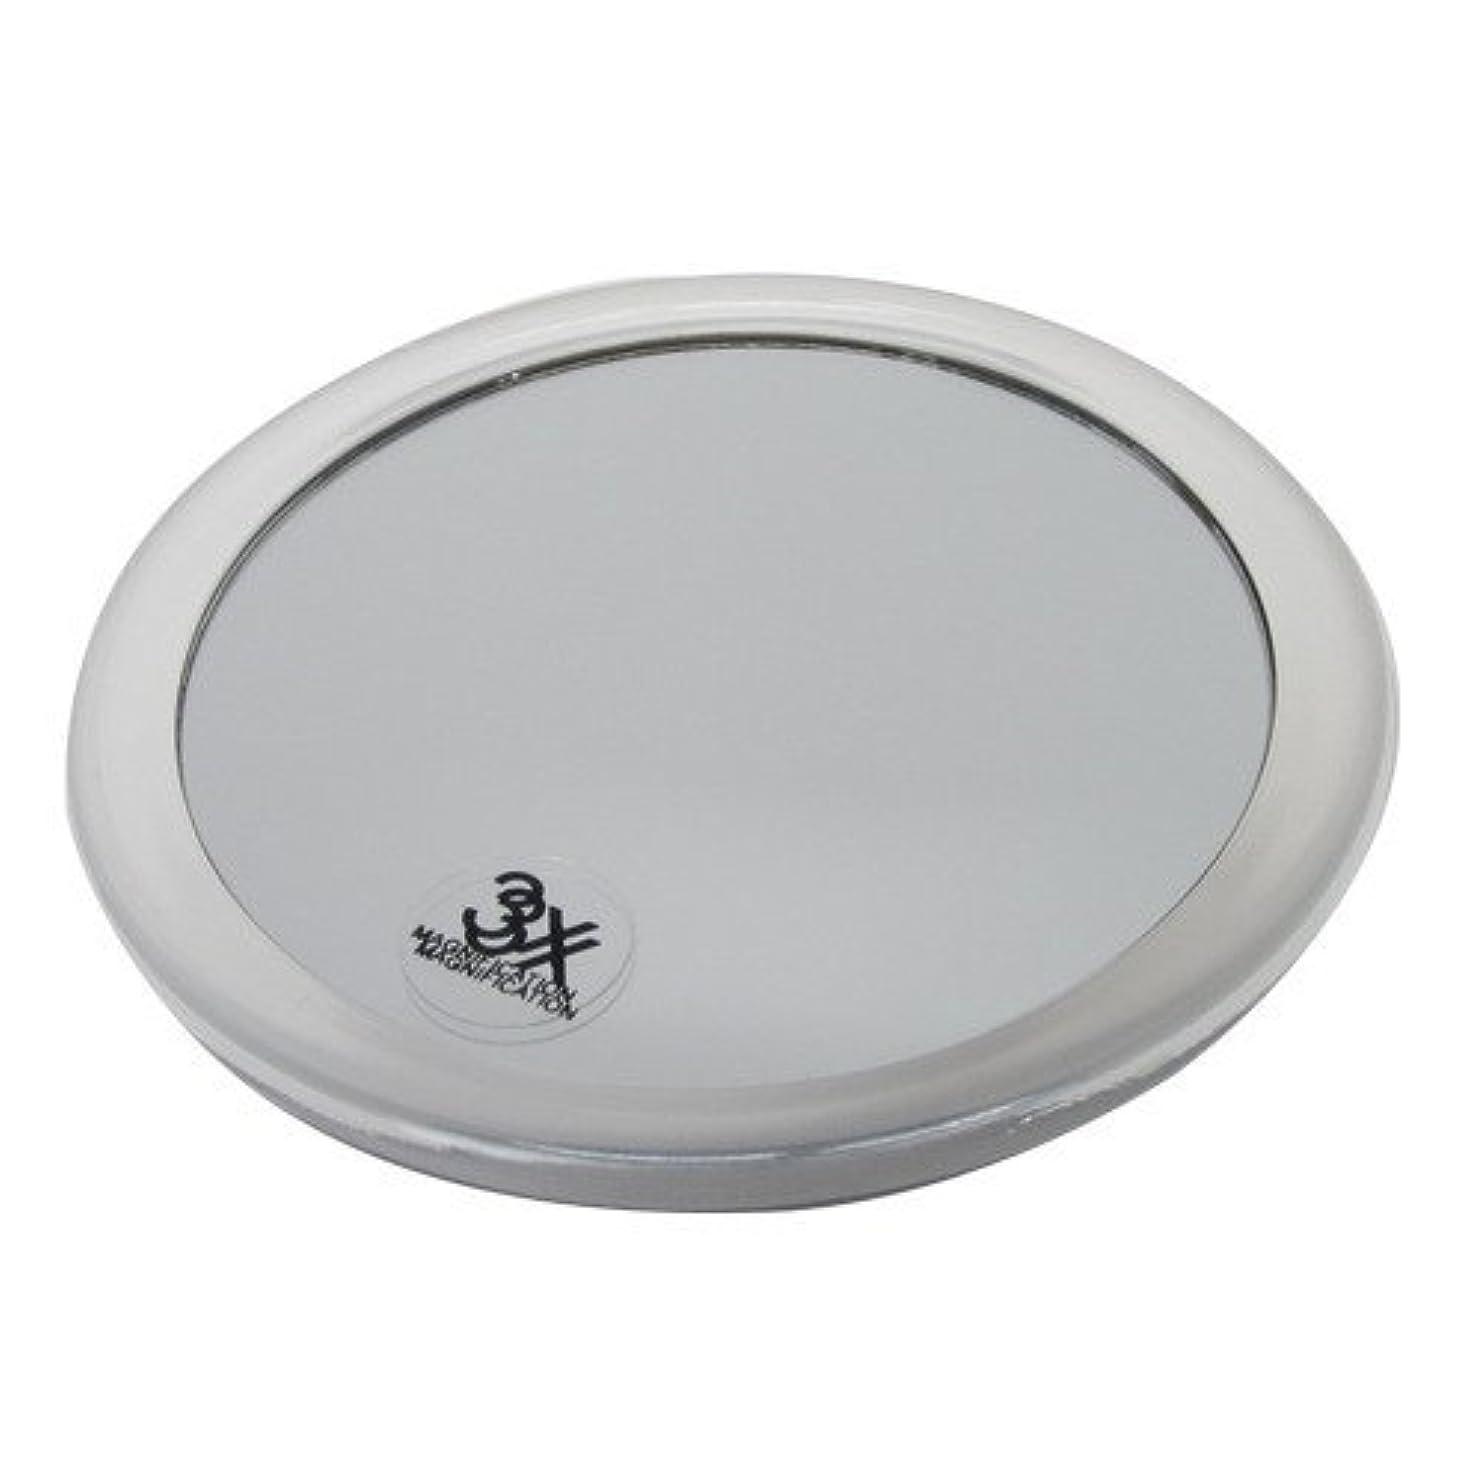 魔女証人プレビスサイト吸盤付コスメティックズームミラー 3倍拡大鏡付き